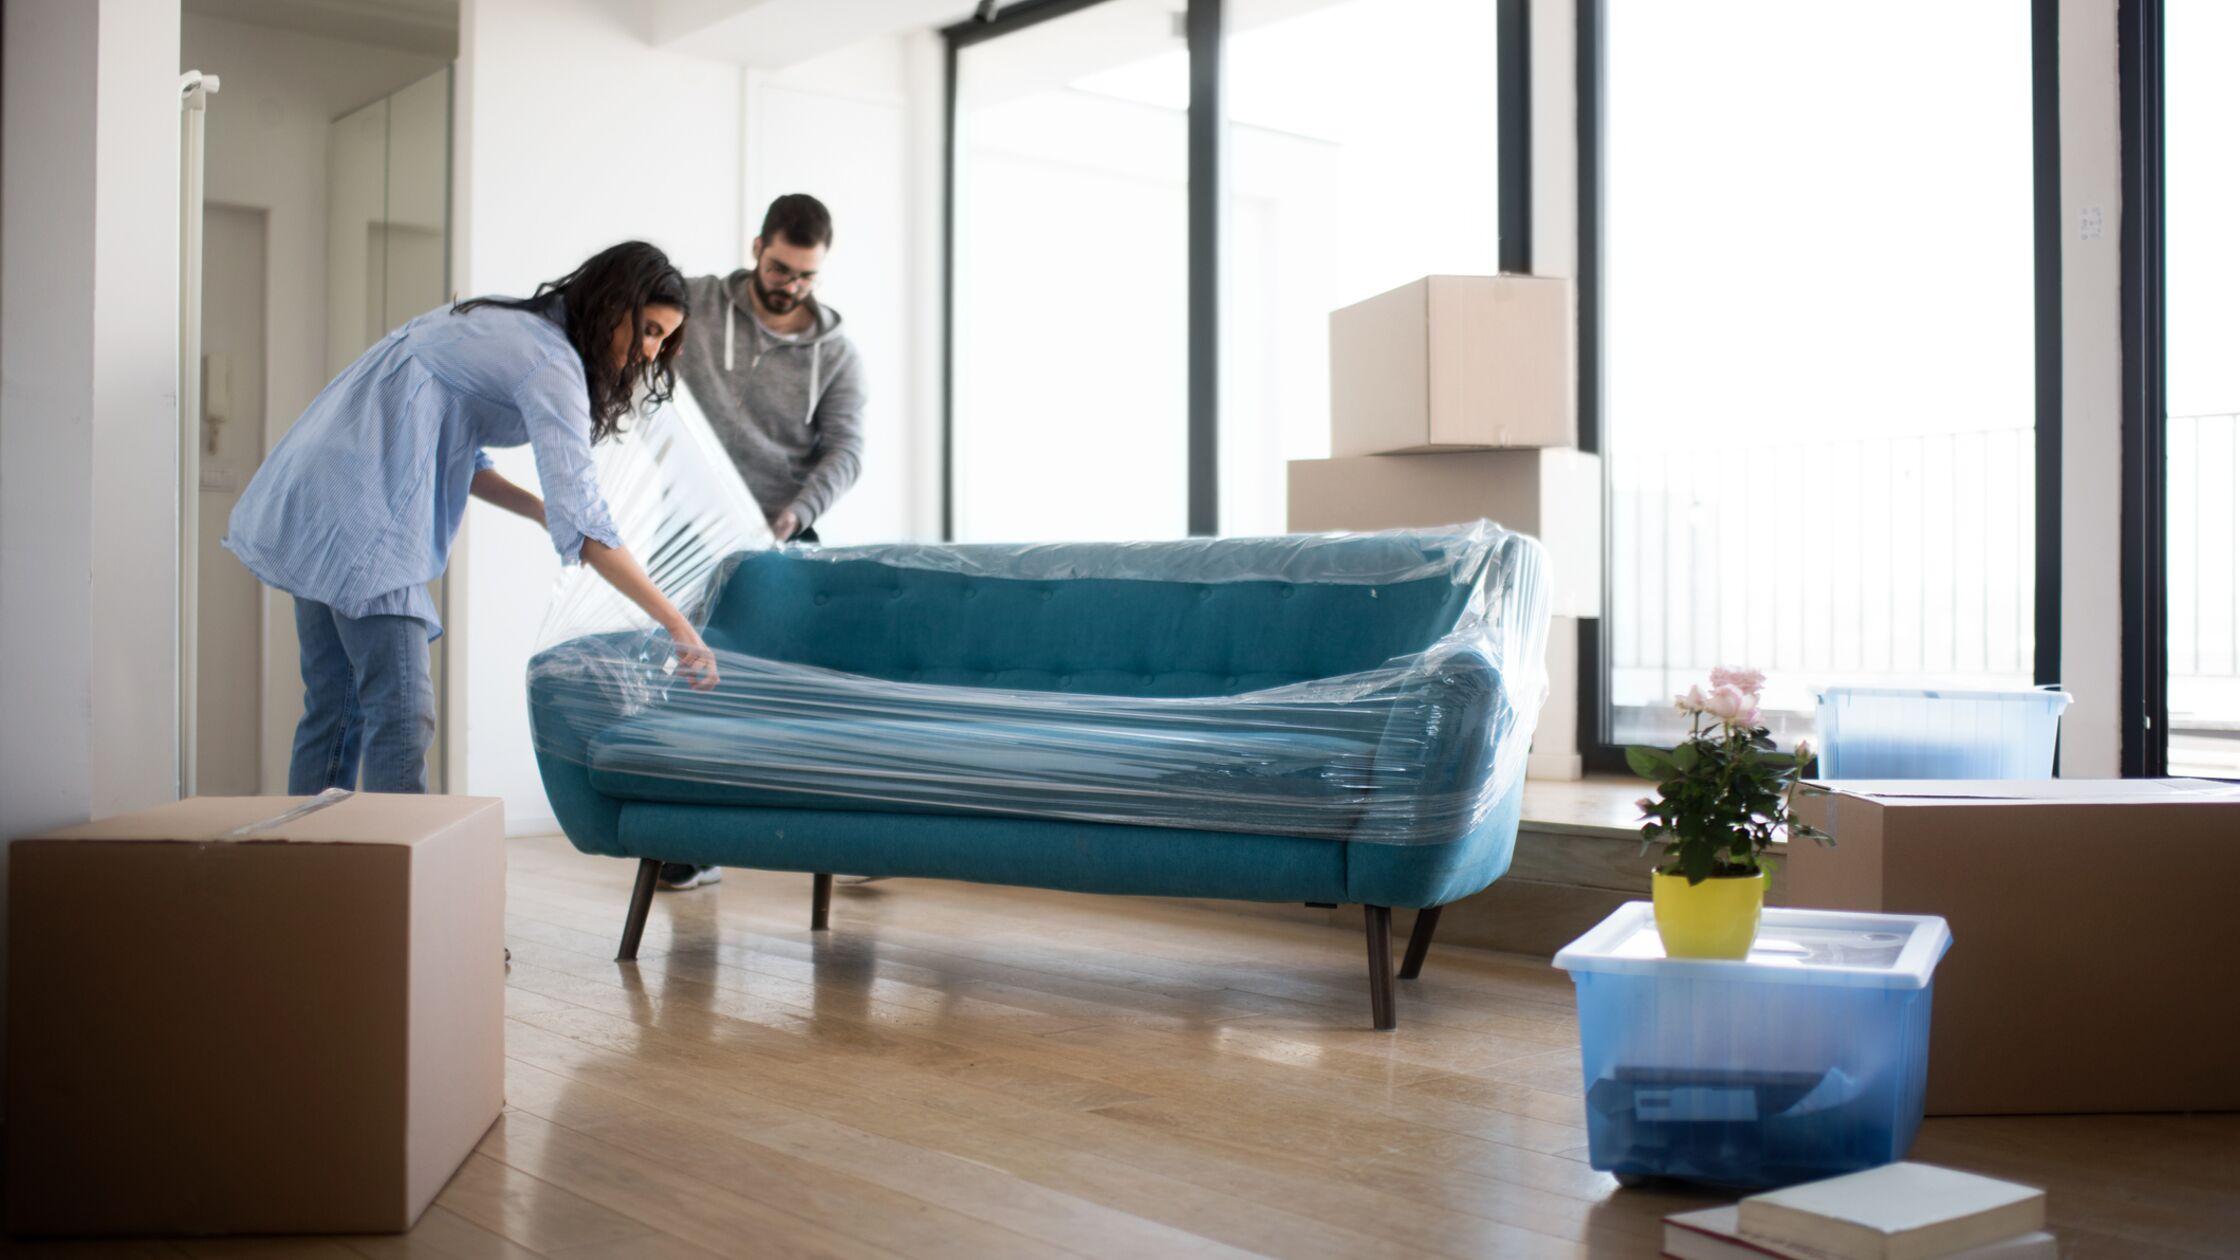 Paar packt Sofa in einer neuen Wohnung aus